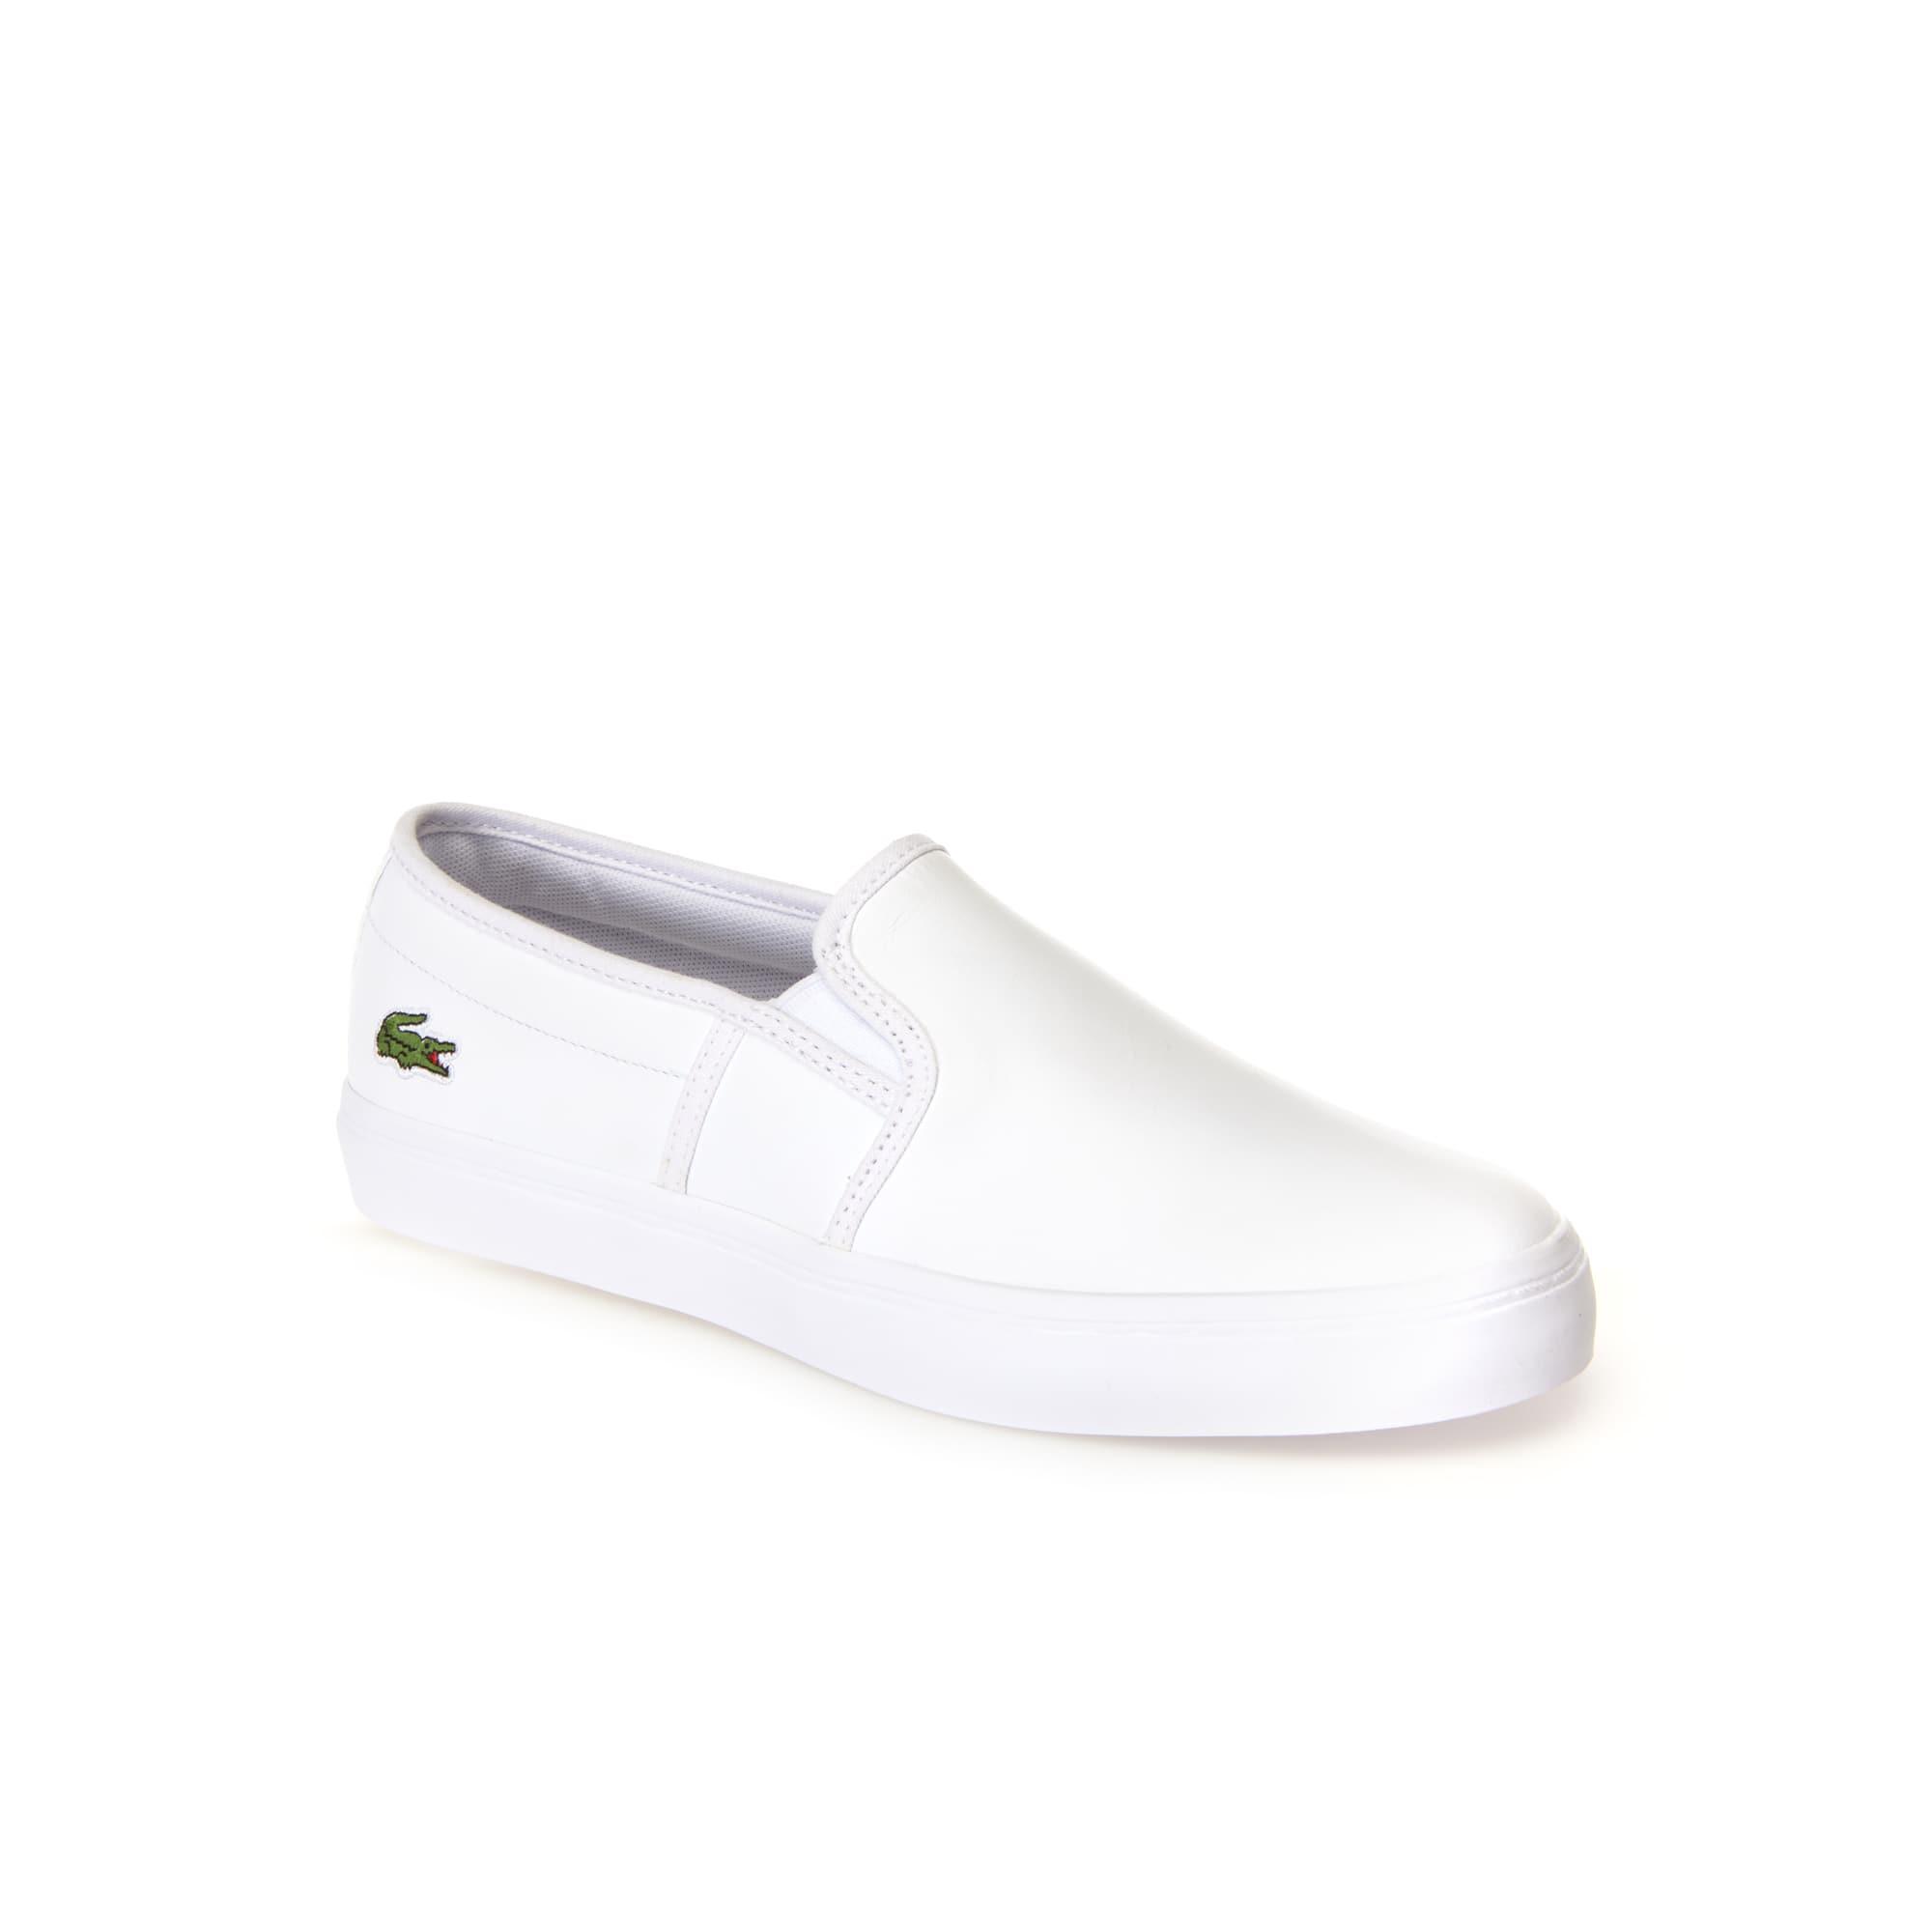 9e10ce3c117 Toutes les chaussures Lacoste